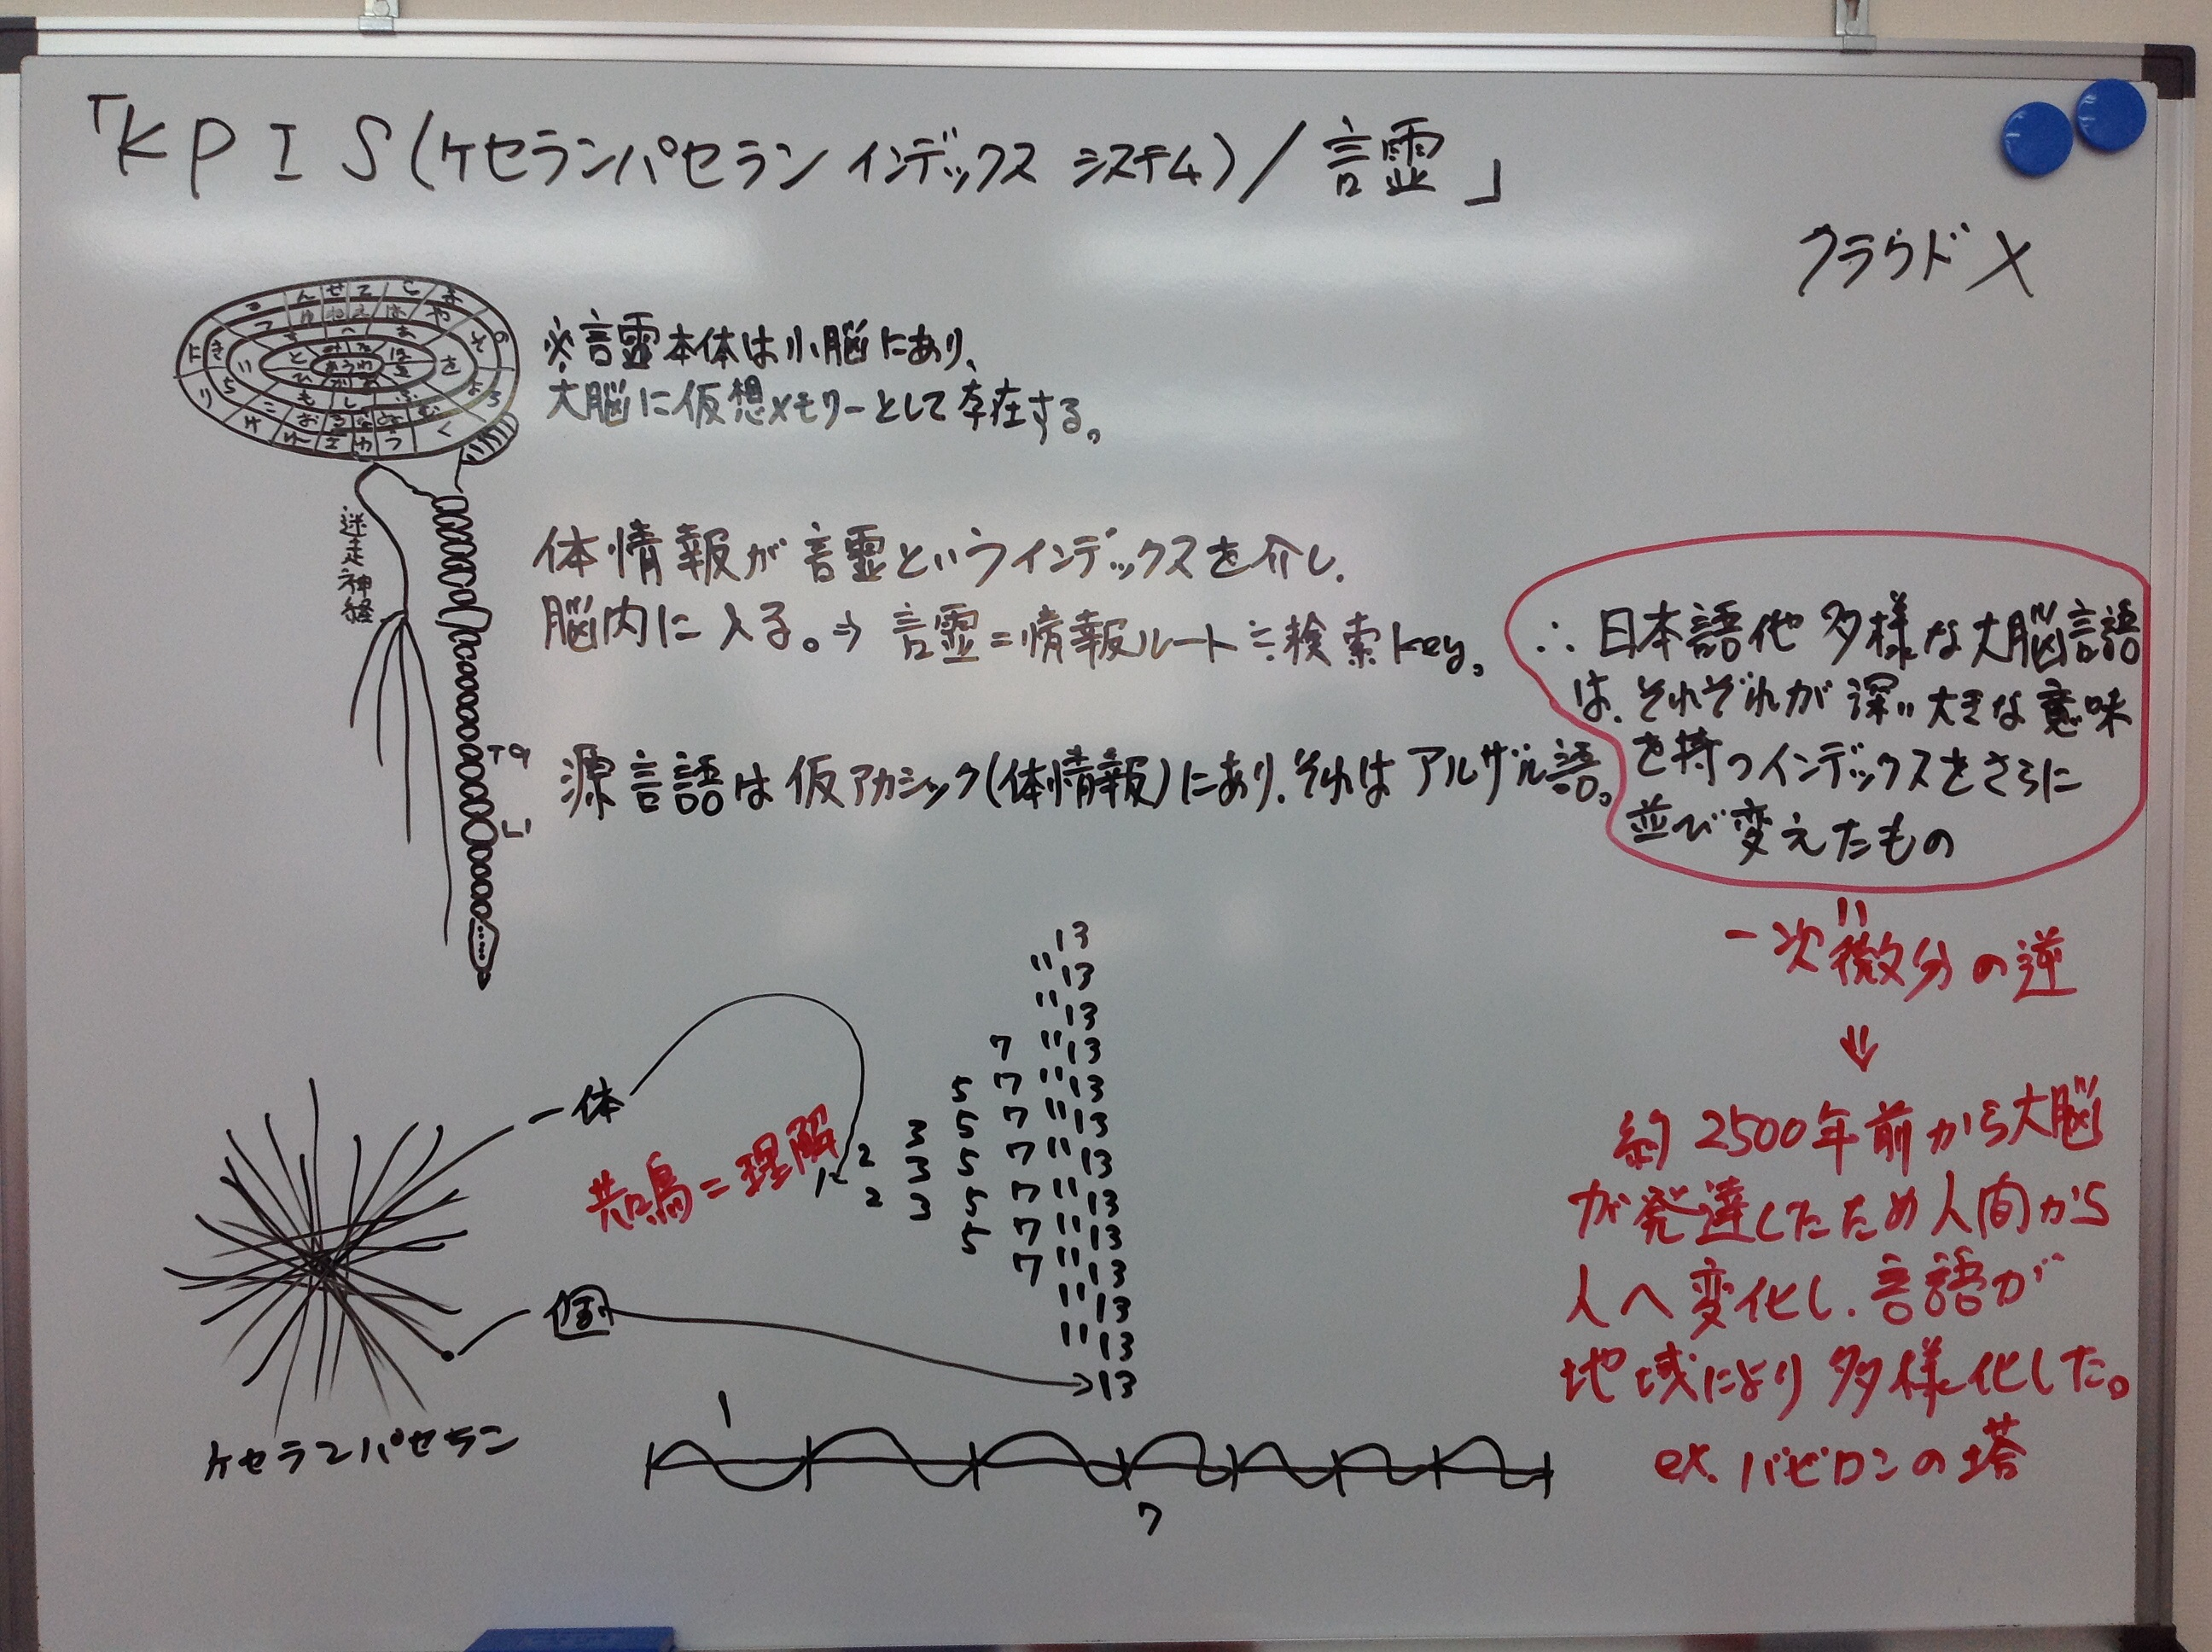 KPIS(ケセランパサランインデックスシステム)